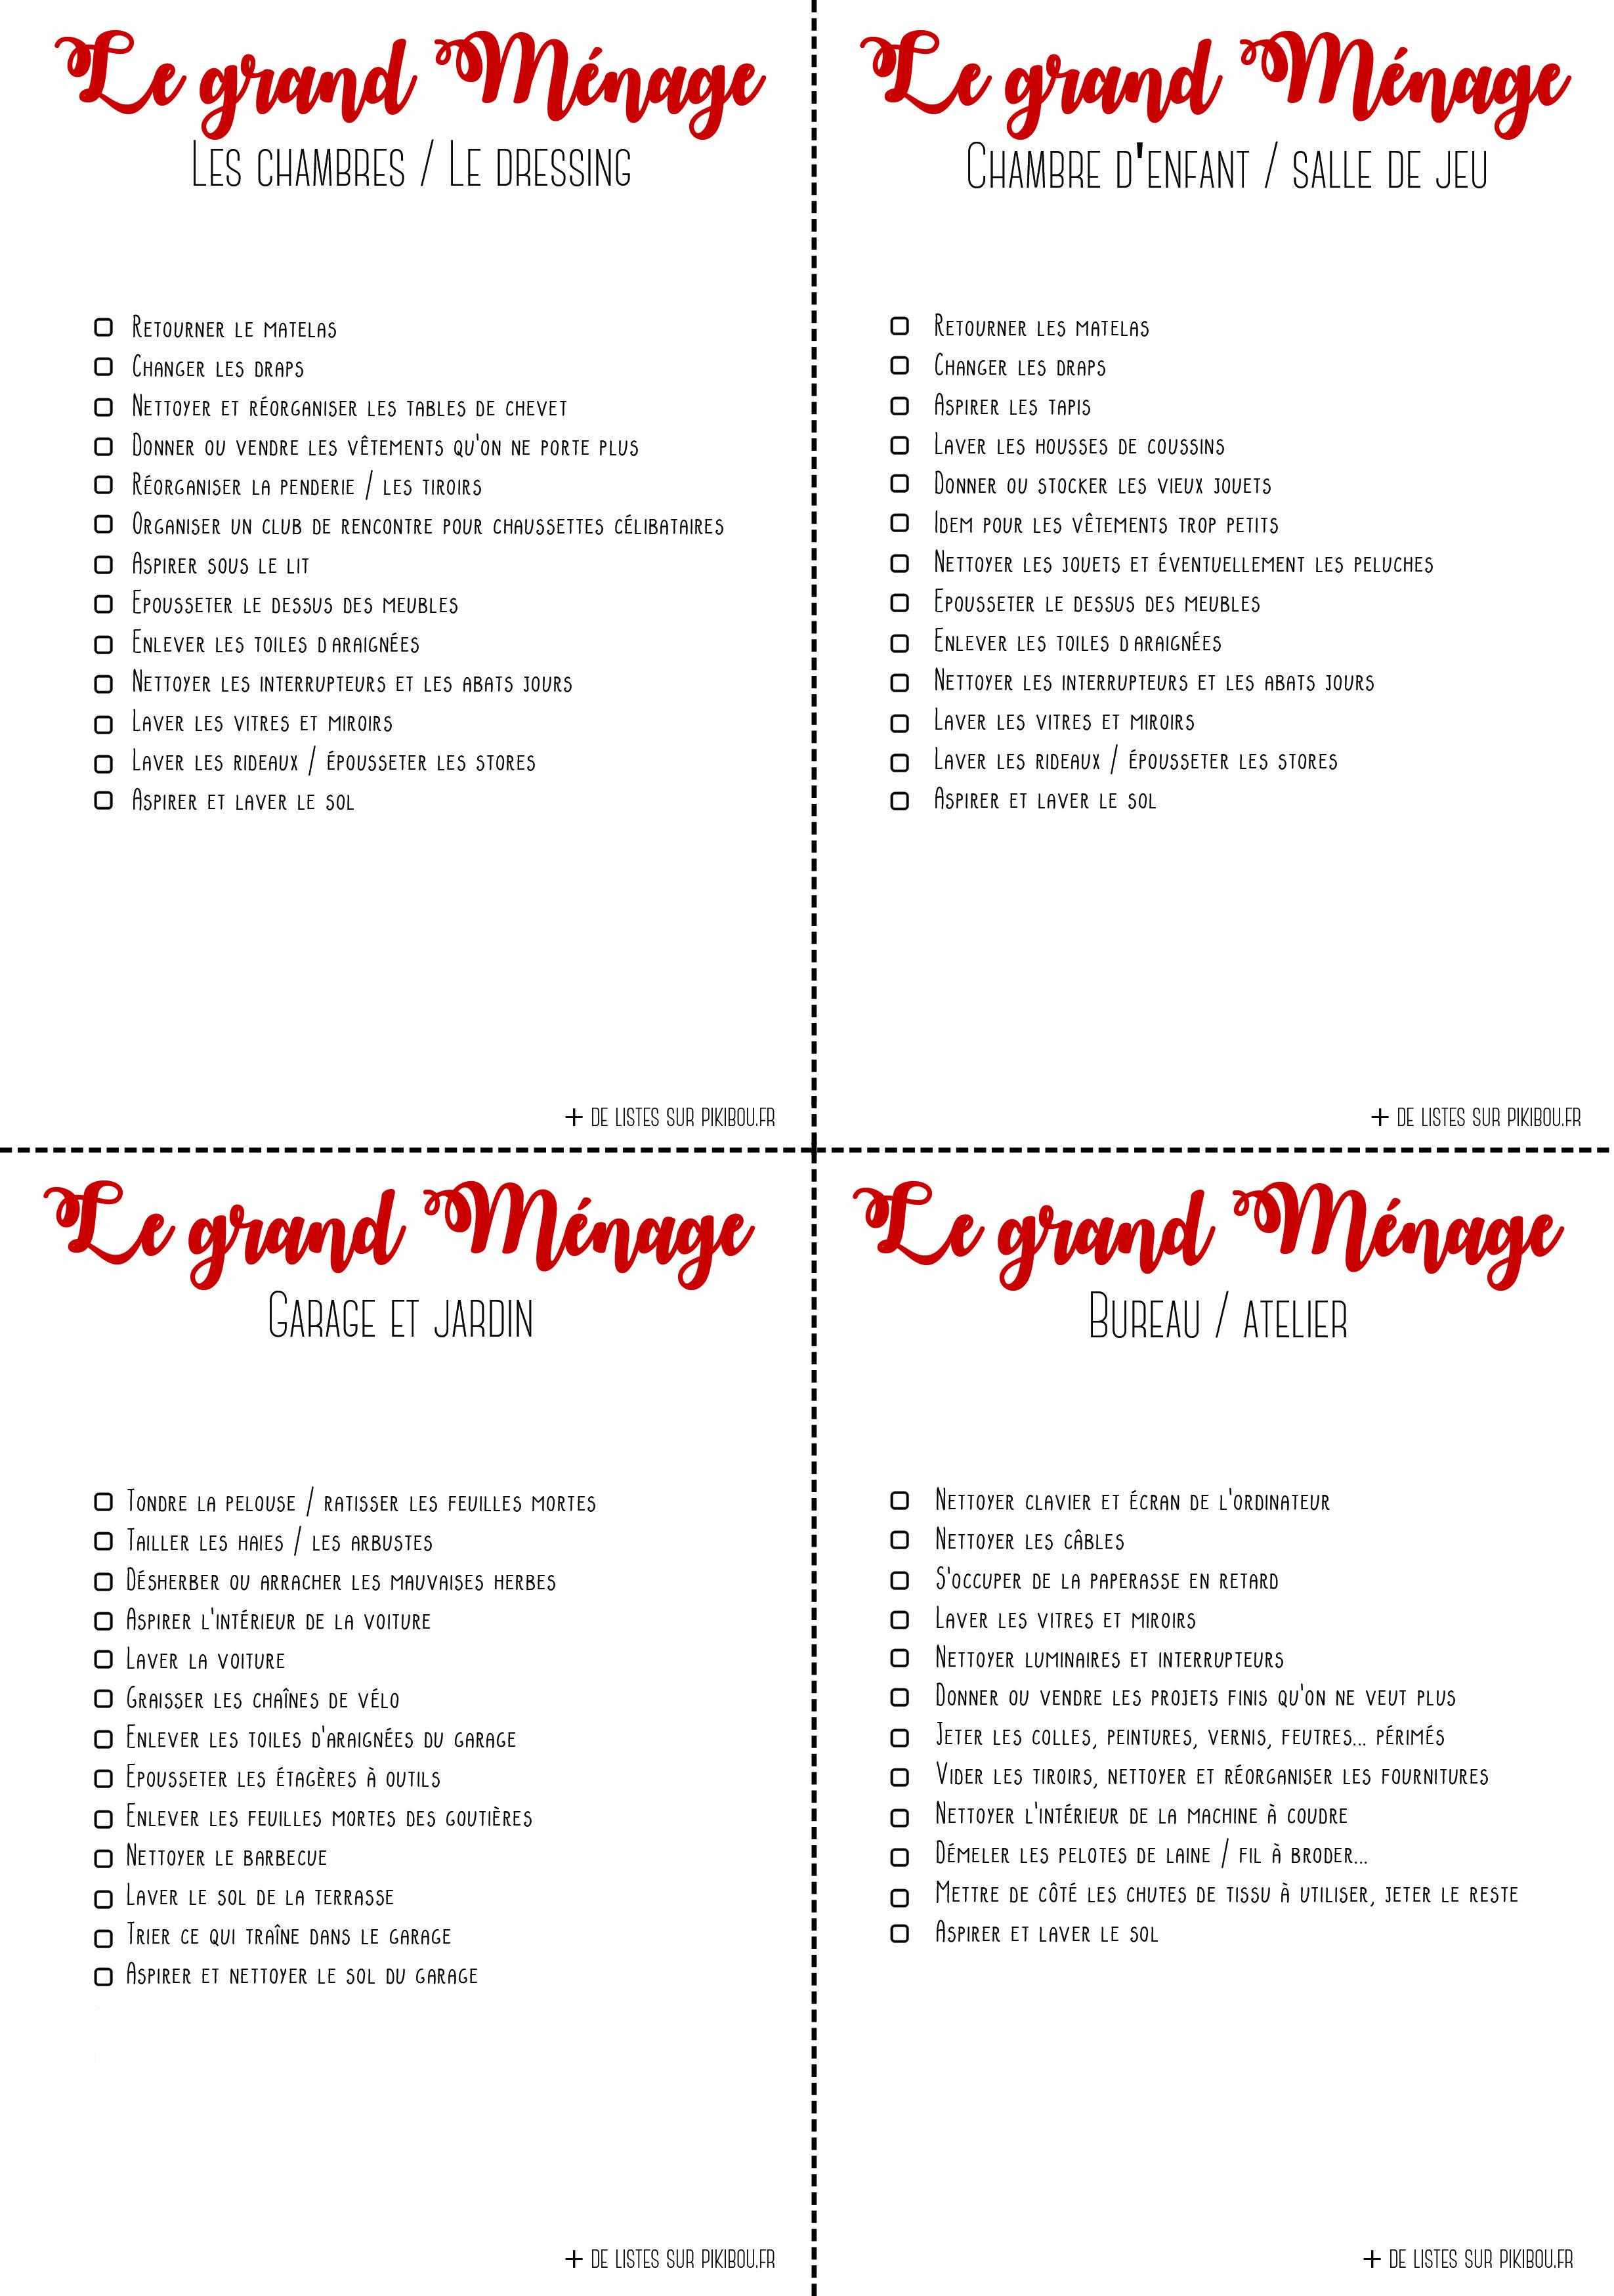 checklists de menage a imprimer